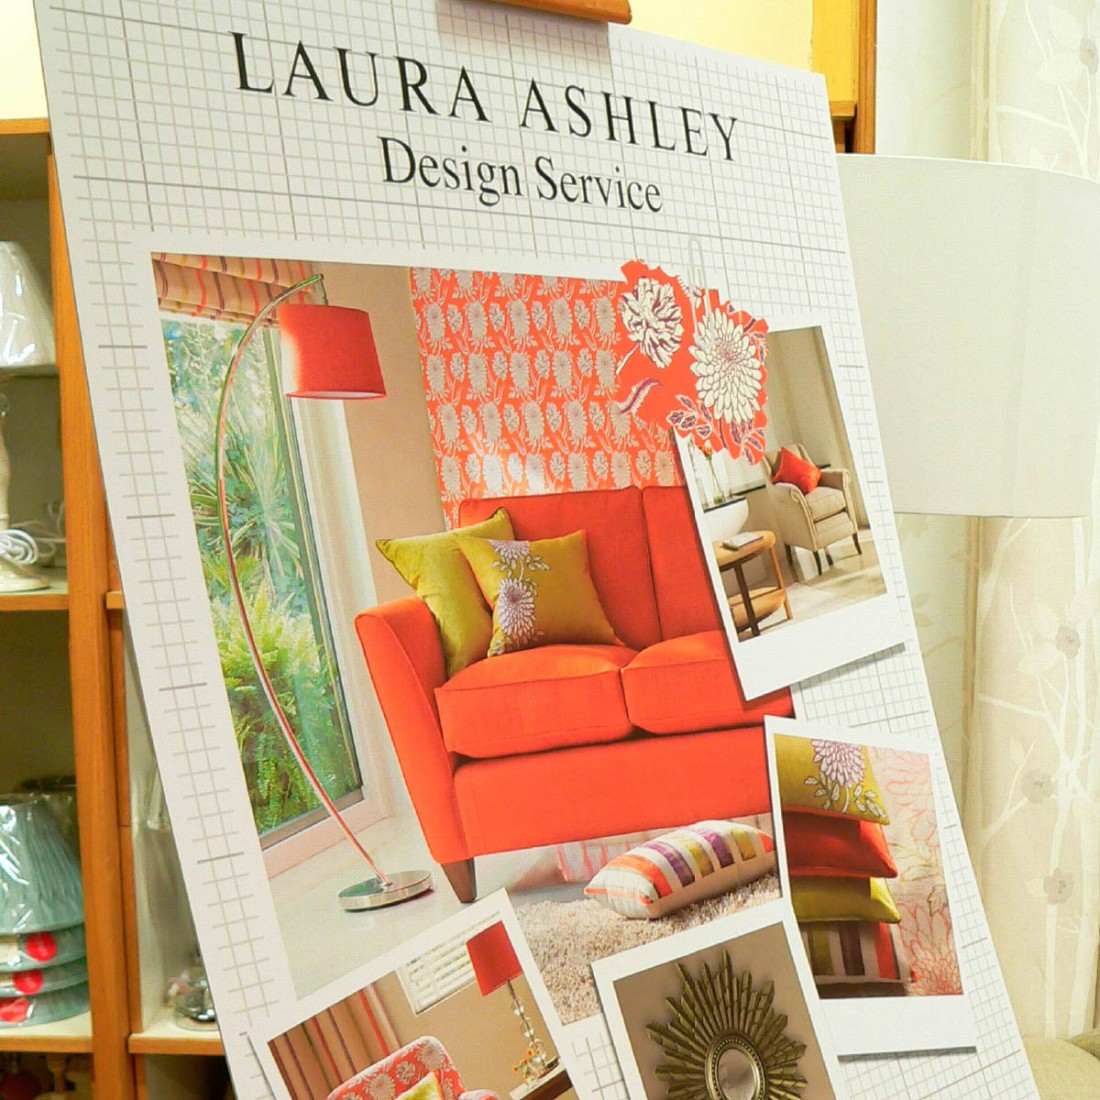 Laura Ashley Ontrac